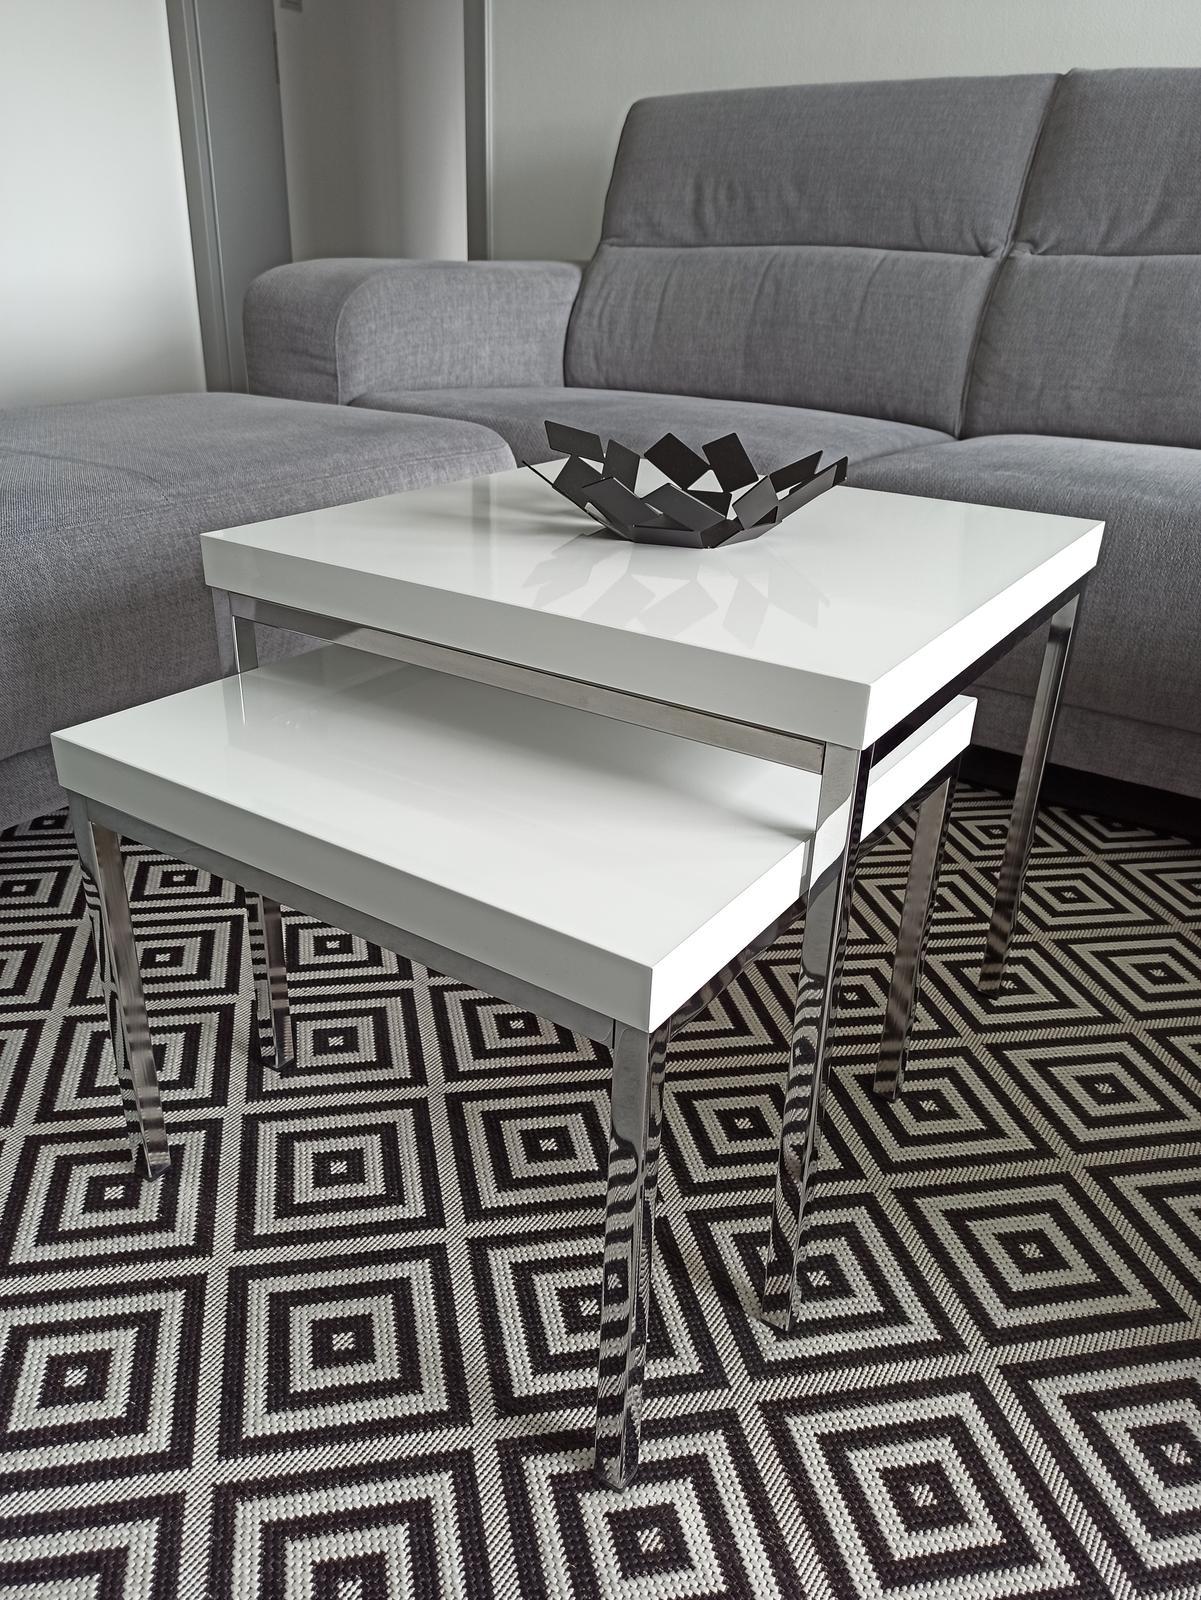 2xkonferencni stolek+koberec - Obrázek č. 2